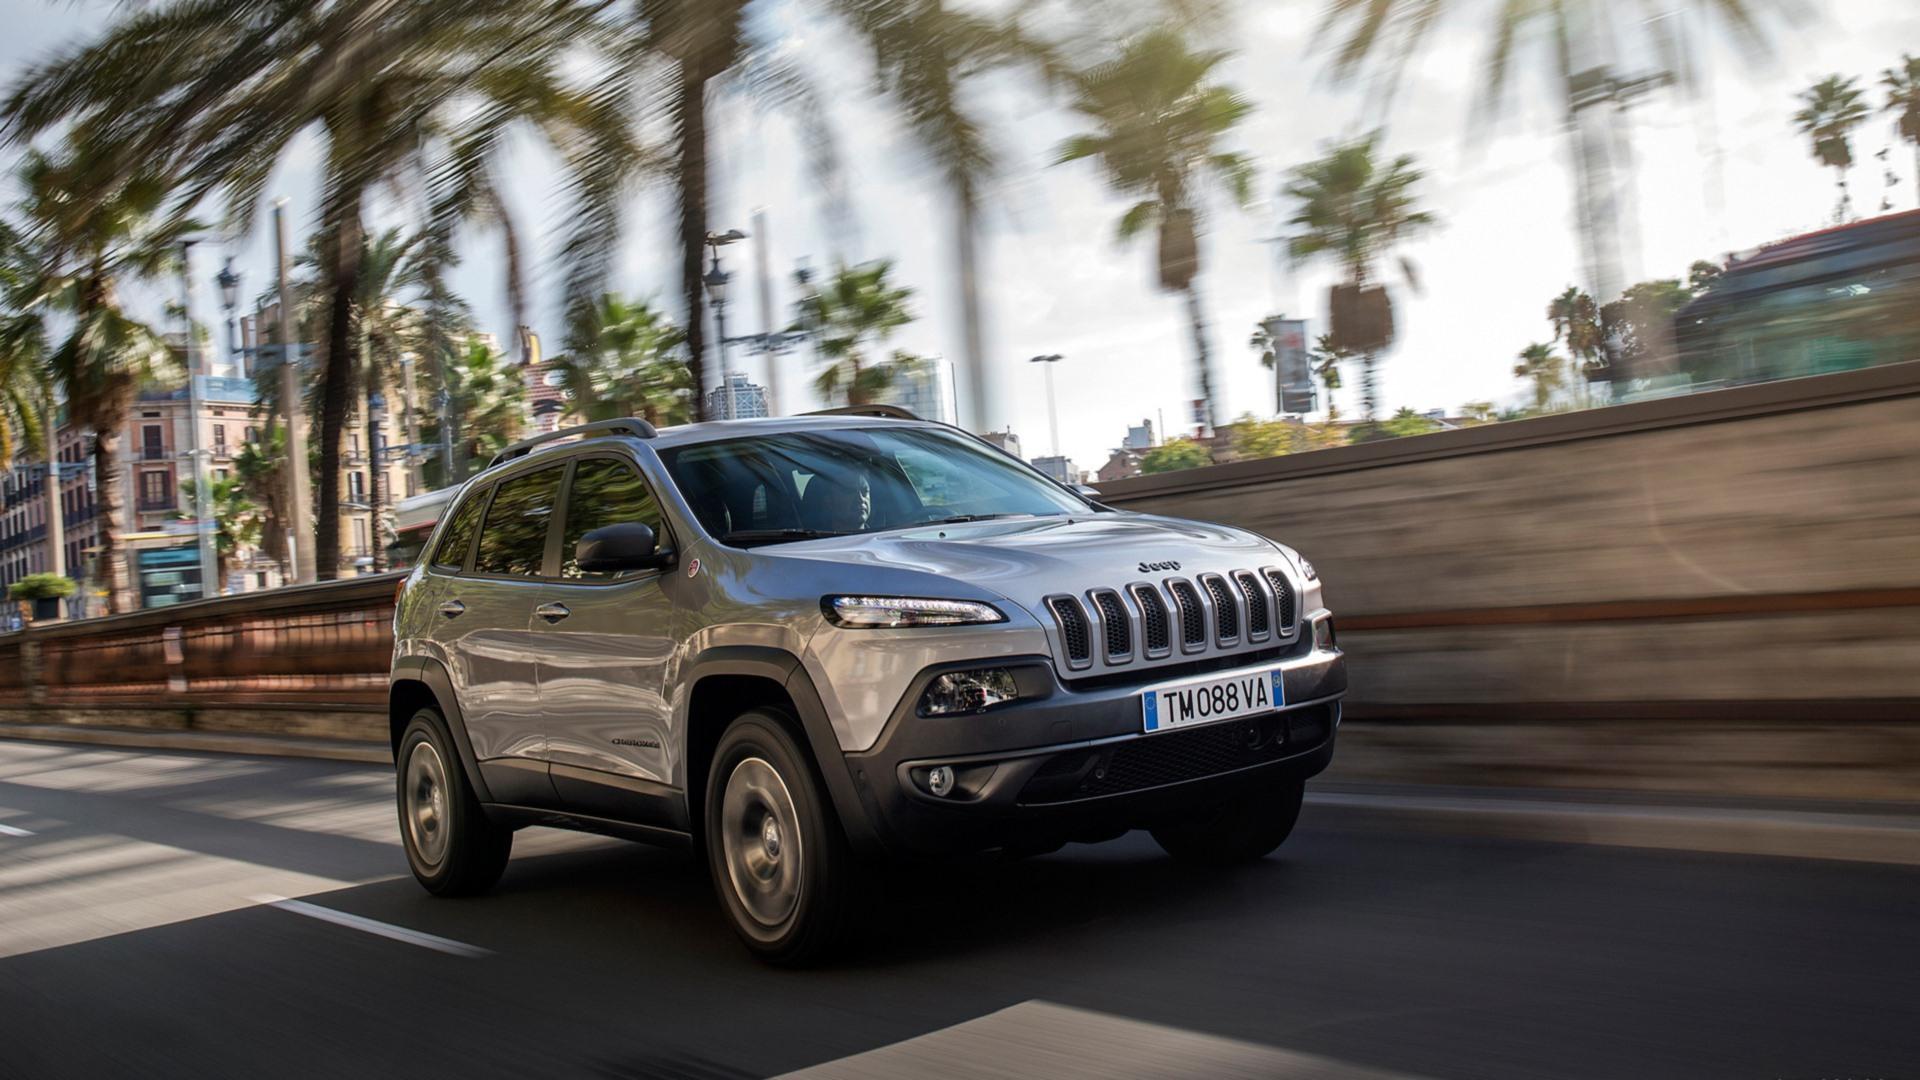 Jeep Cherokee Desktop Images